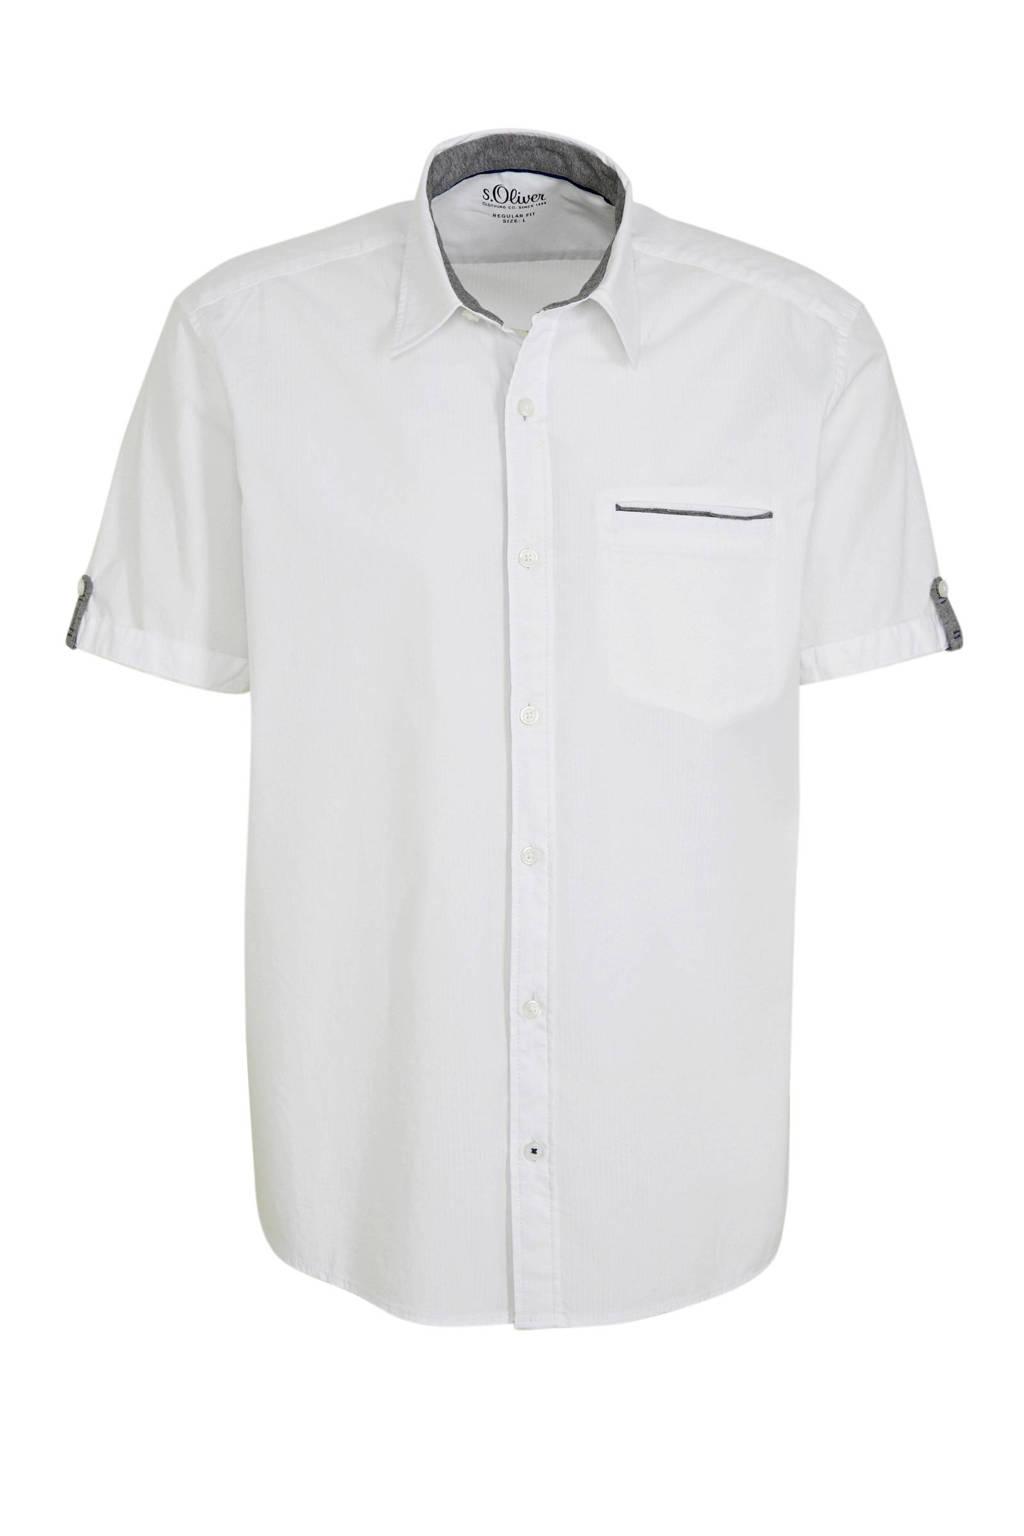 s.Oliver regular fit overhemd wit, Wit